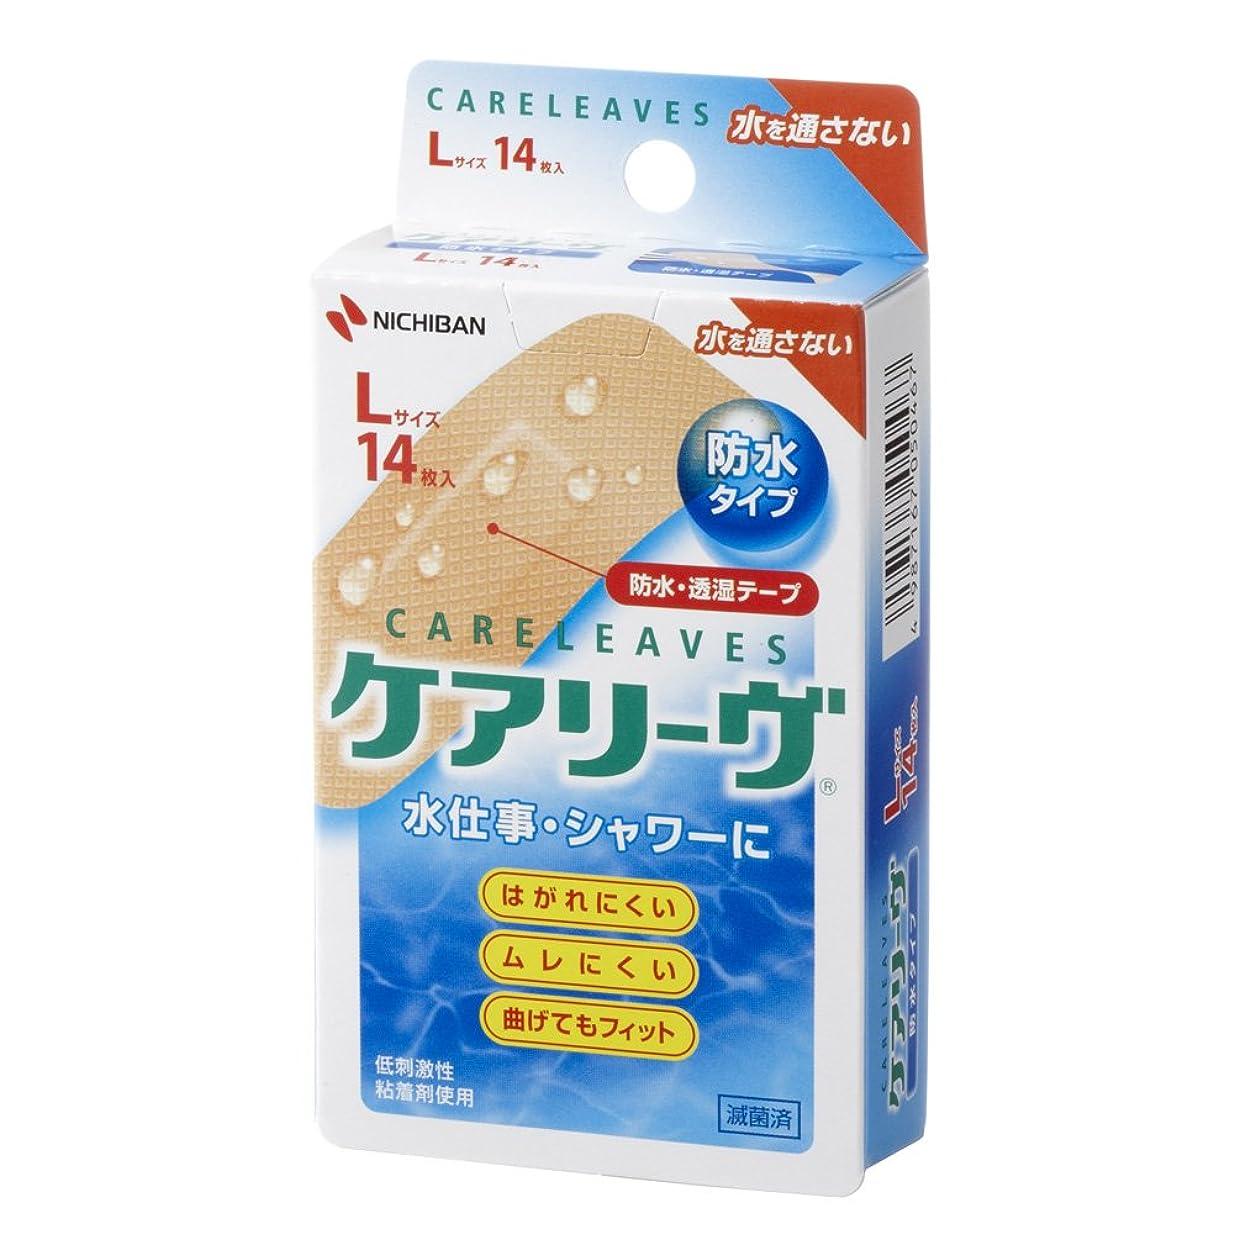 虐待戸棚洗剤BAND-AID(バンドエイド) 救急絆創膏 快適プラス ワイド 16枚